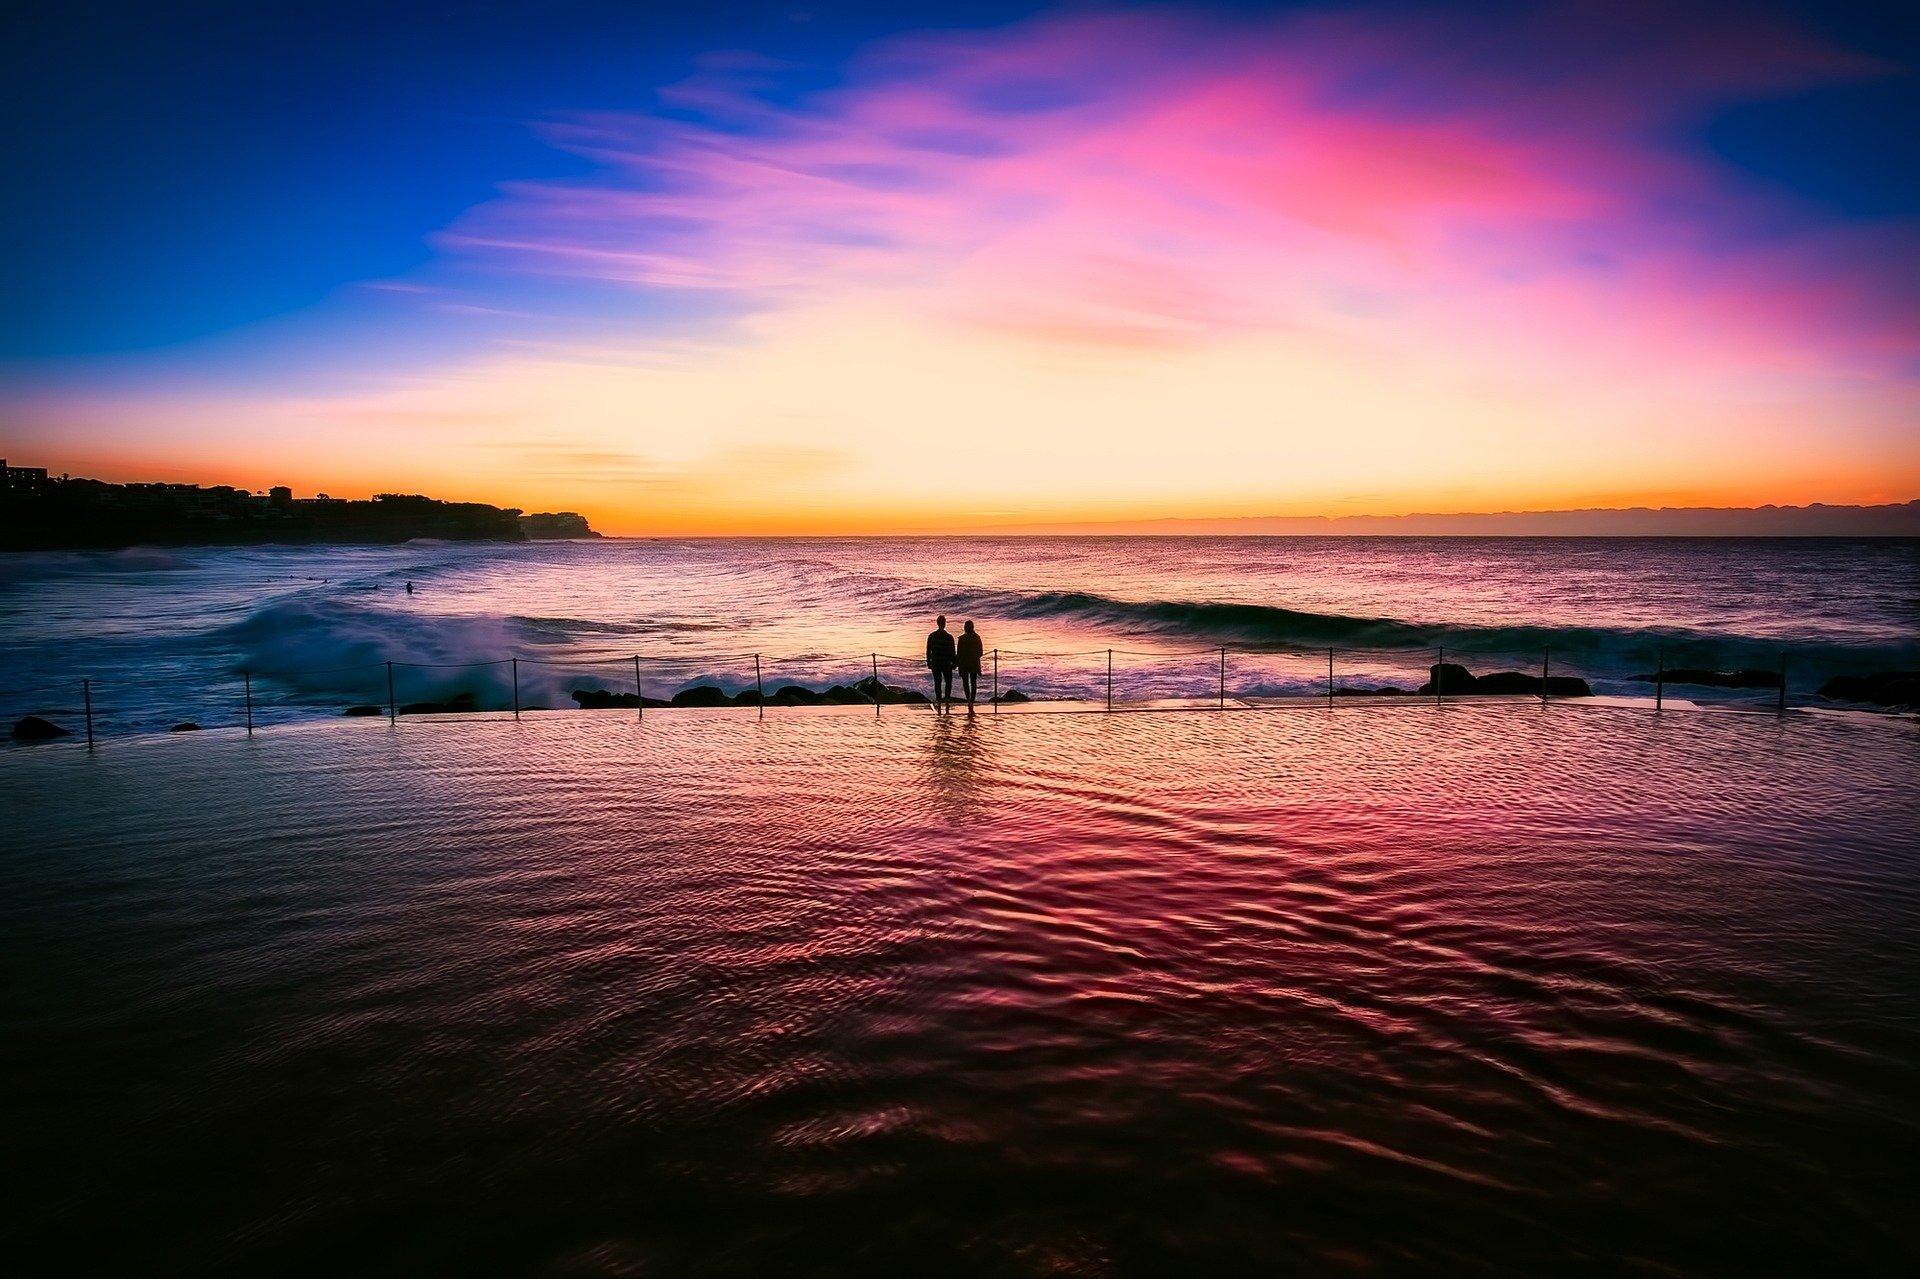 tra le insenature del mare, le ombre di una coppia rivolta al tramonto